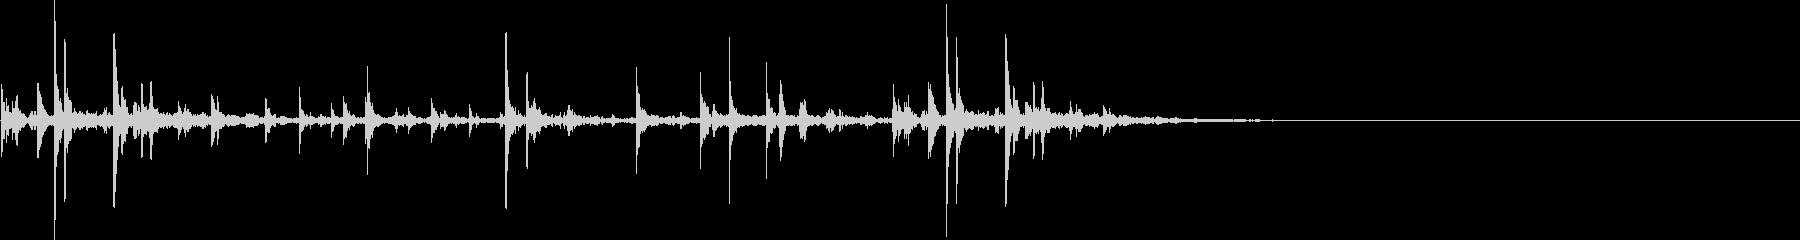 耳にやさしいウッドベルの音、カラカラの未再生の波形